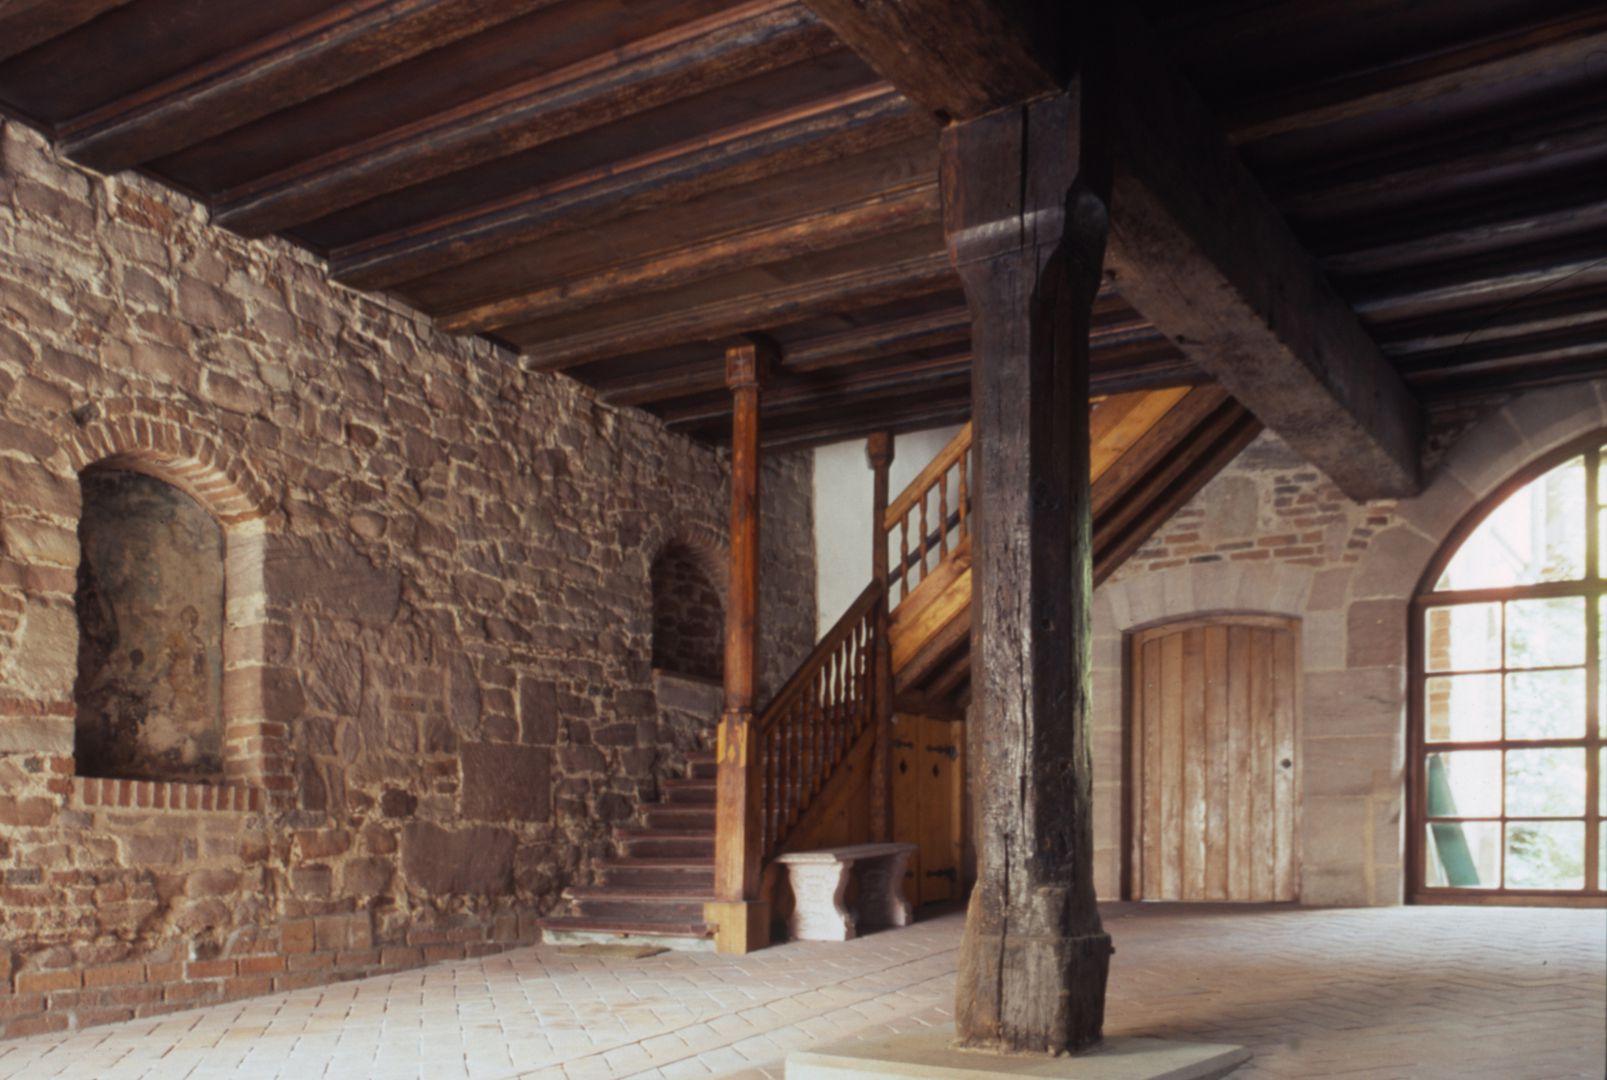 Haus Obere Krämersgasse 12 (Privatbesitz, nicht zu besichtigen) Einfahrtshalle (Tenne). Die Durchfahrt zum Hof erfolgte diagonal.Der Treppenaufgang befand sich von Anbeginn an derselben Stelle.